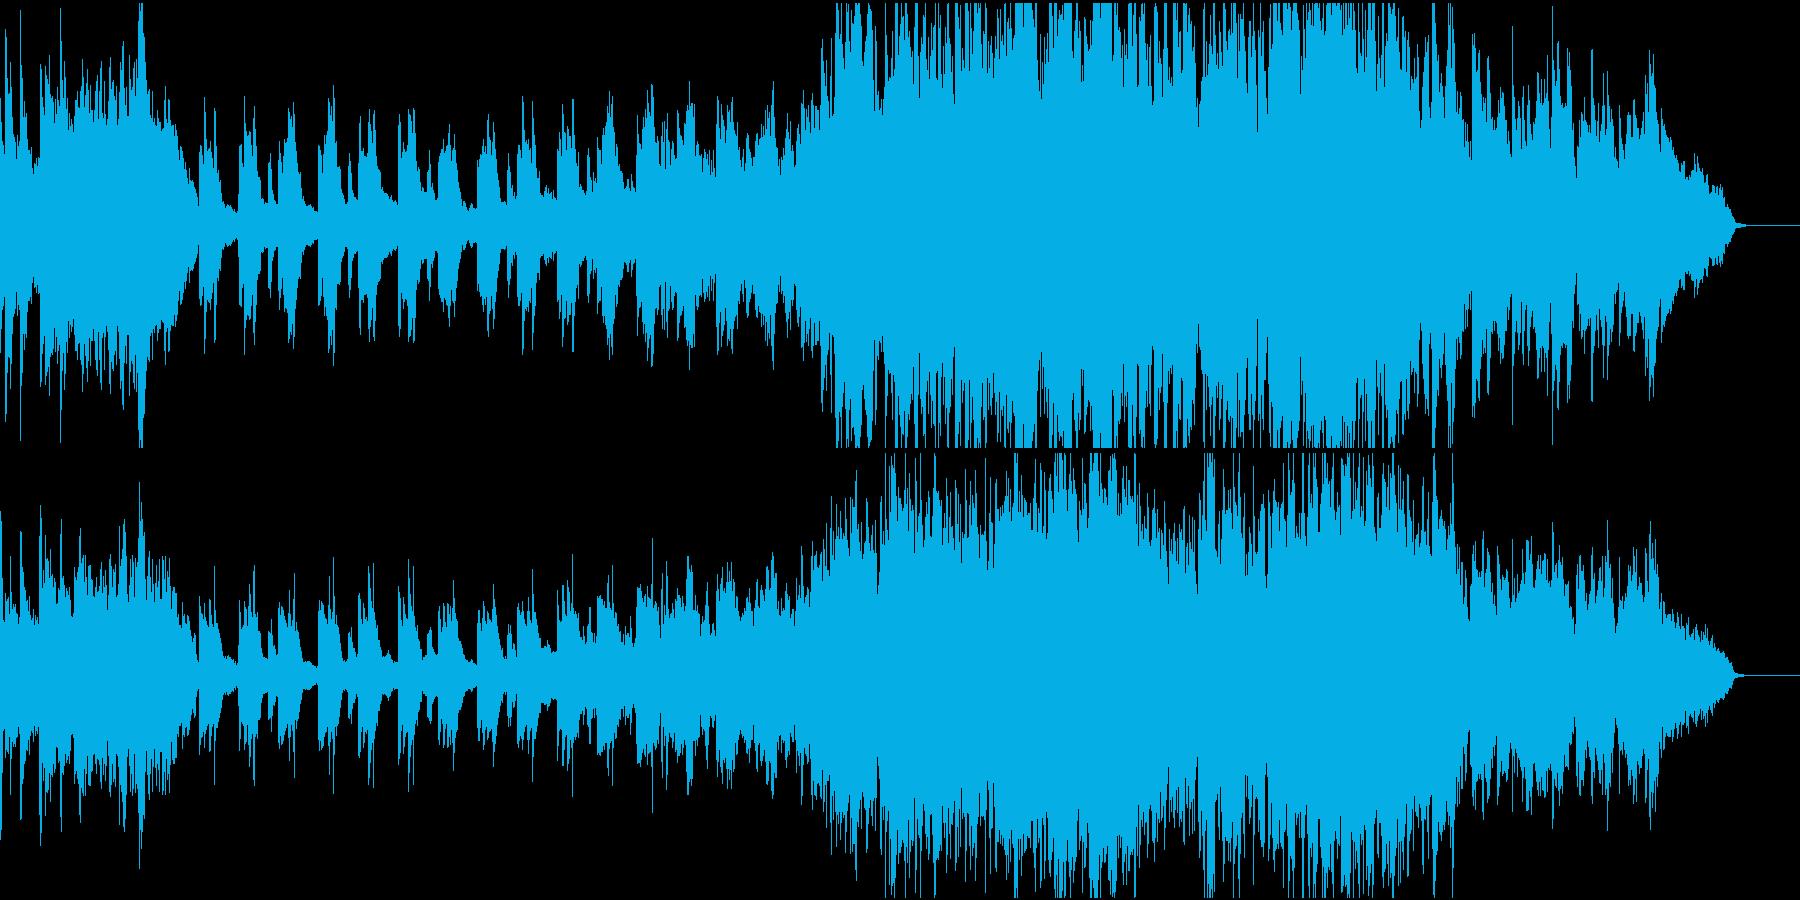 ピアノとストリングスのバラードの再生済みの波形